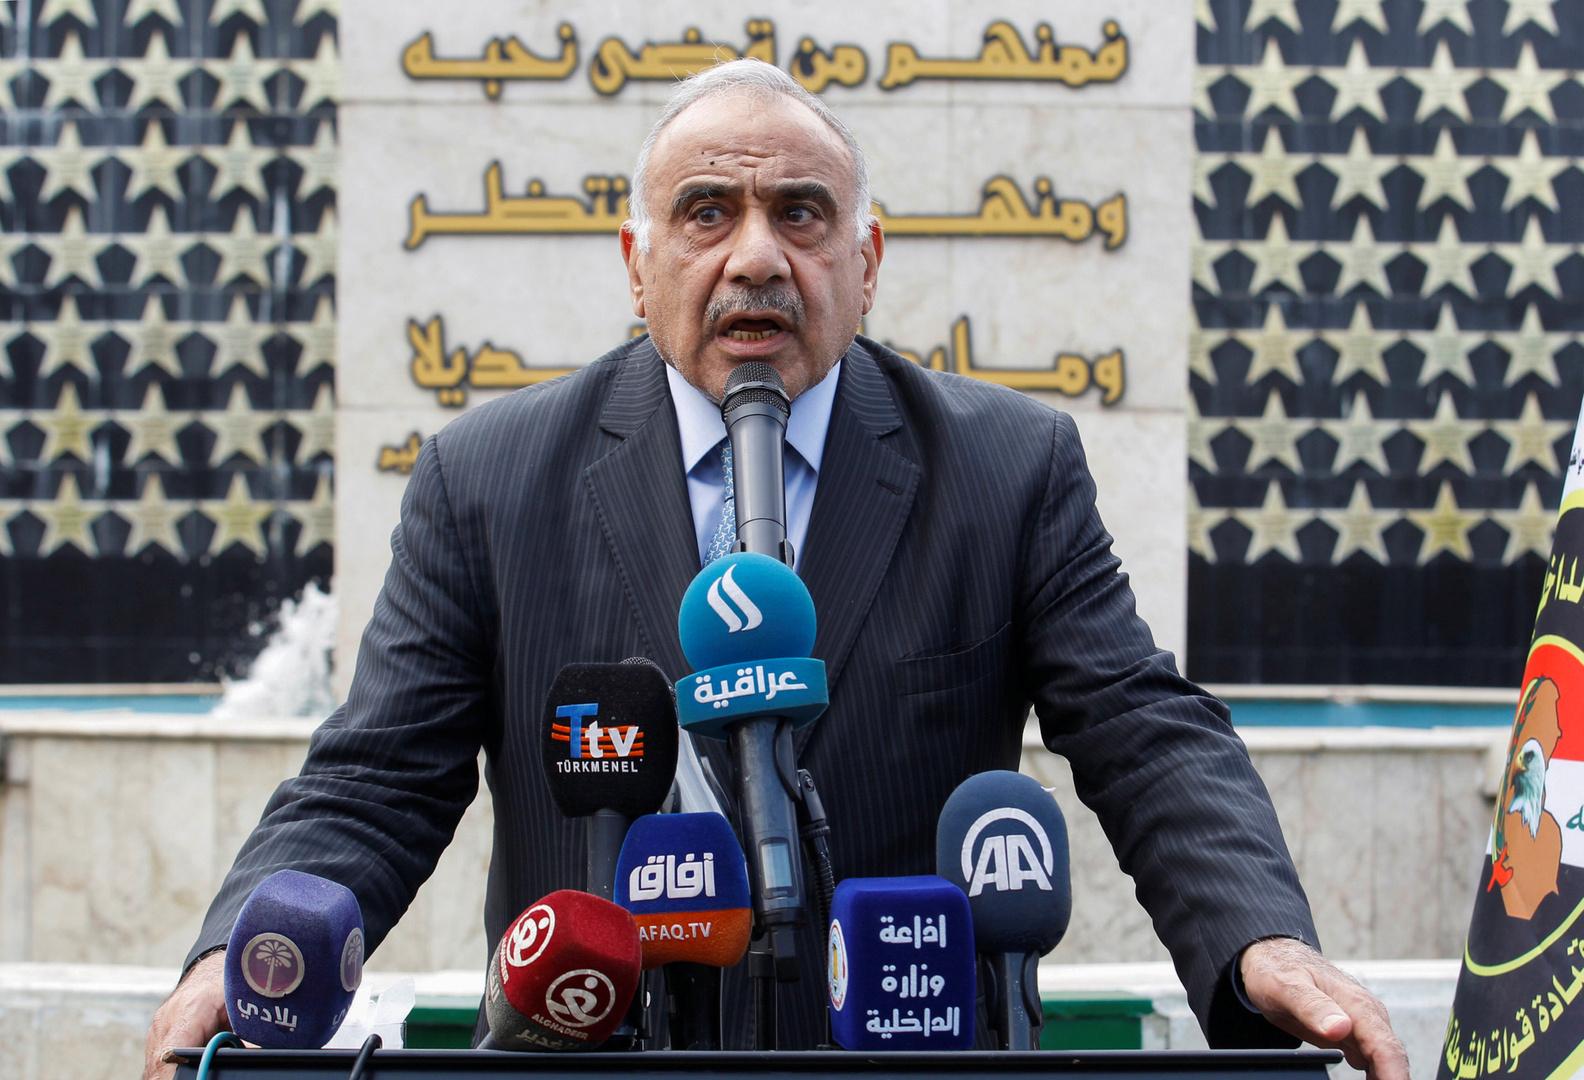 رئيس الحكومة تصريف الأعمال العراقية، عادل عبد المهدي